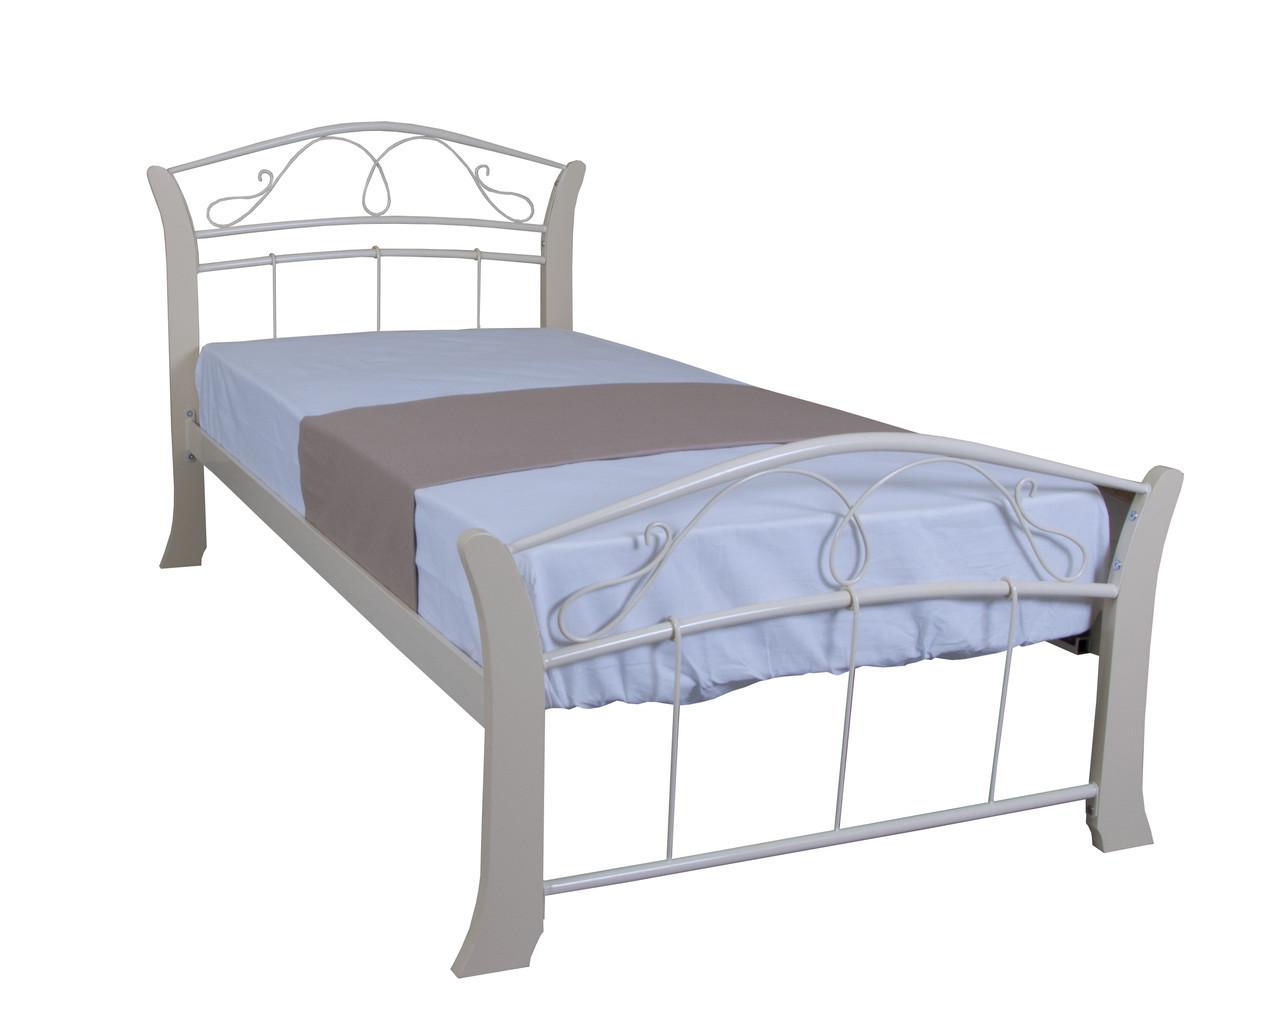 Кровать Селена Вуд односпальная 200х80, бирюзовая